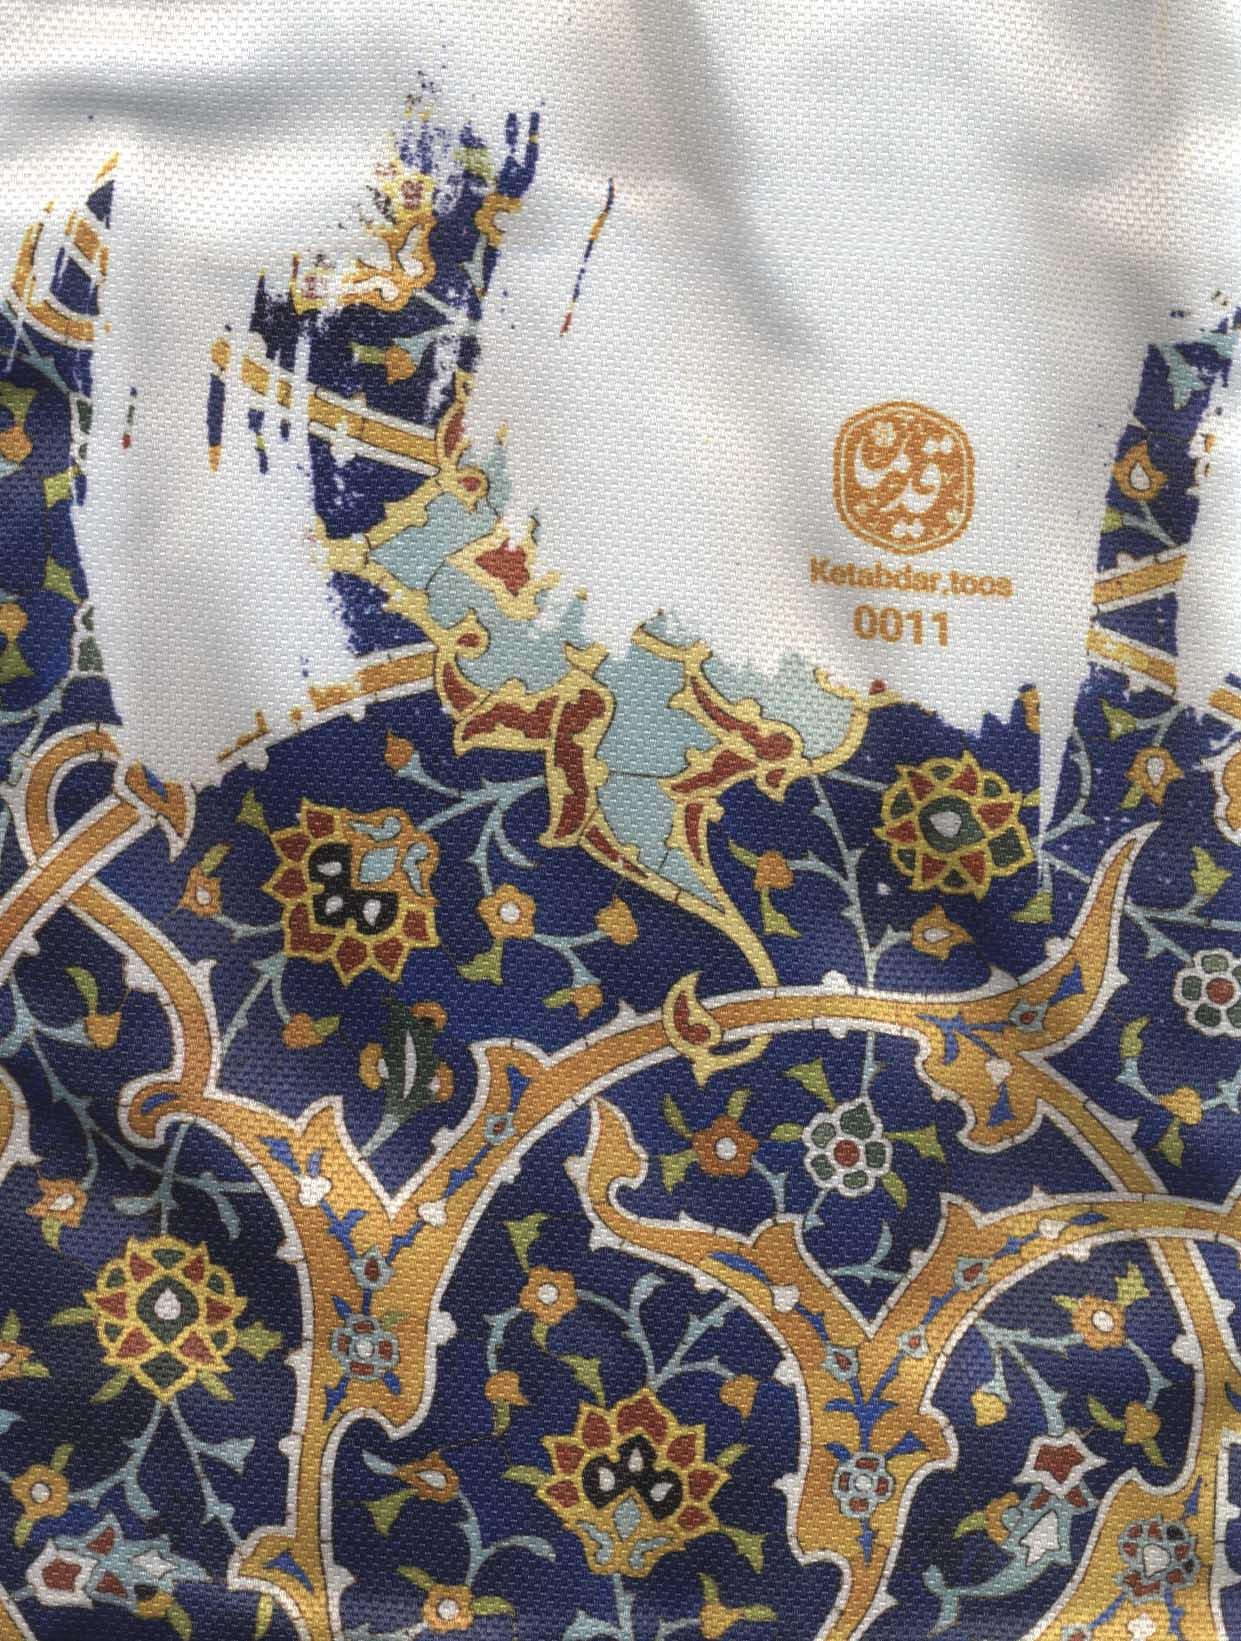 کیف پارچه ای قدیما 26*35 (طرح کاشی،کد 0011)